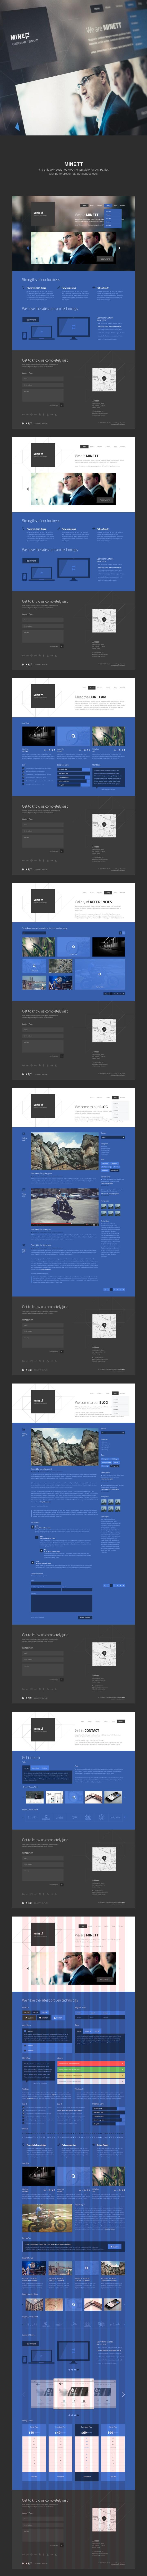 MINETT | Modern template